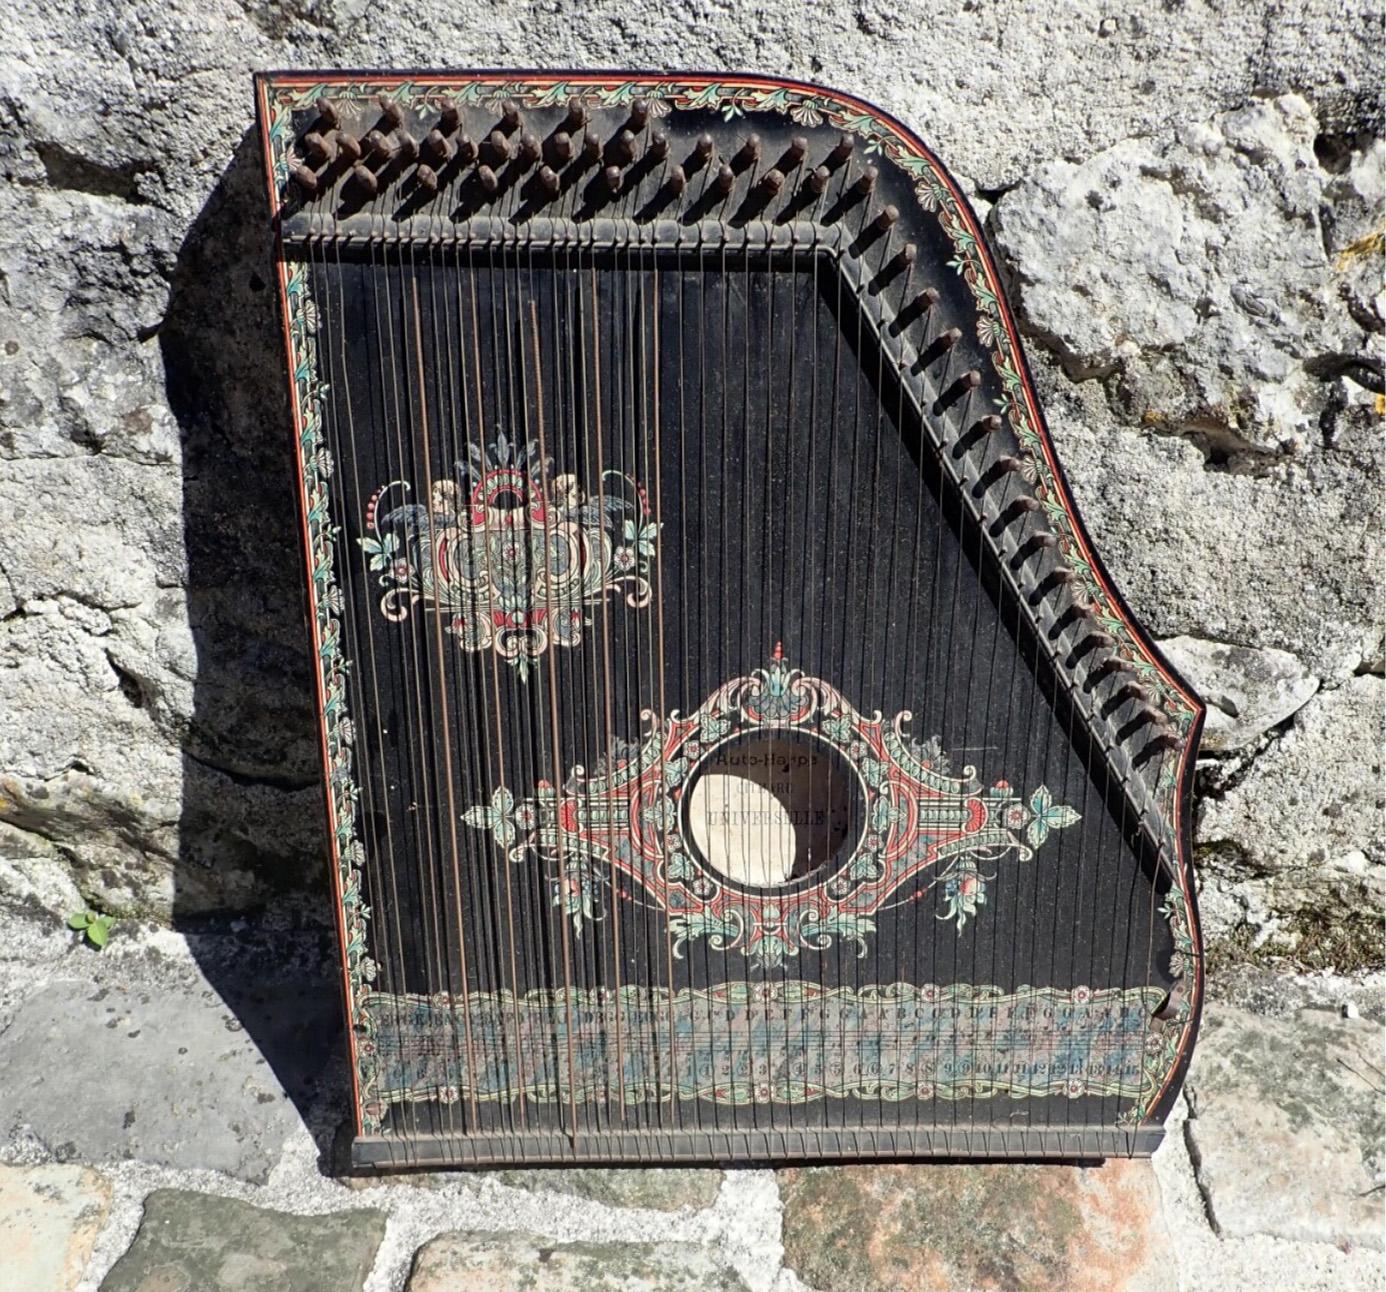 152€ Cithare (auto-harpe), l.48cm. Courgeac, 13octobre 2019.Lynda TrouvéOVV.